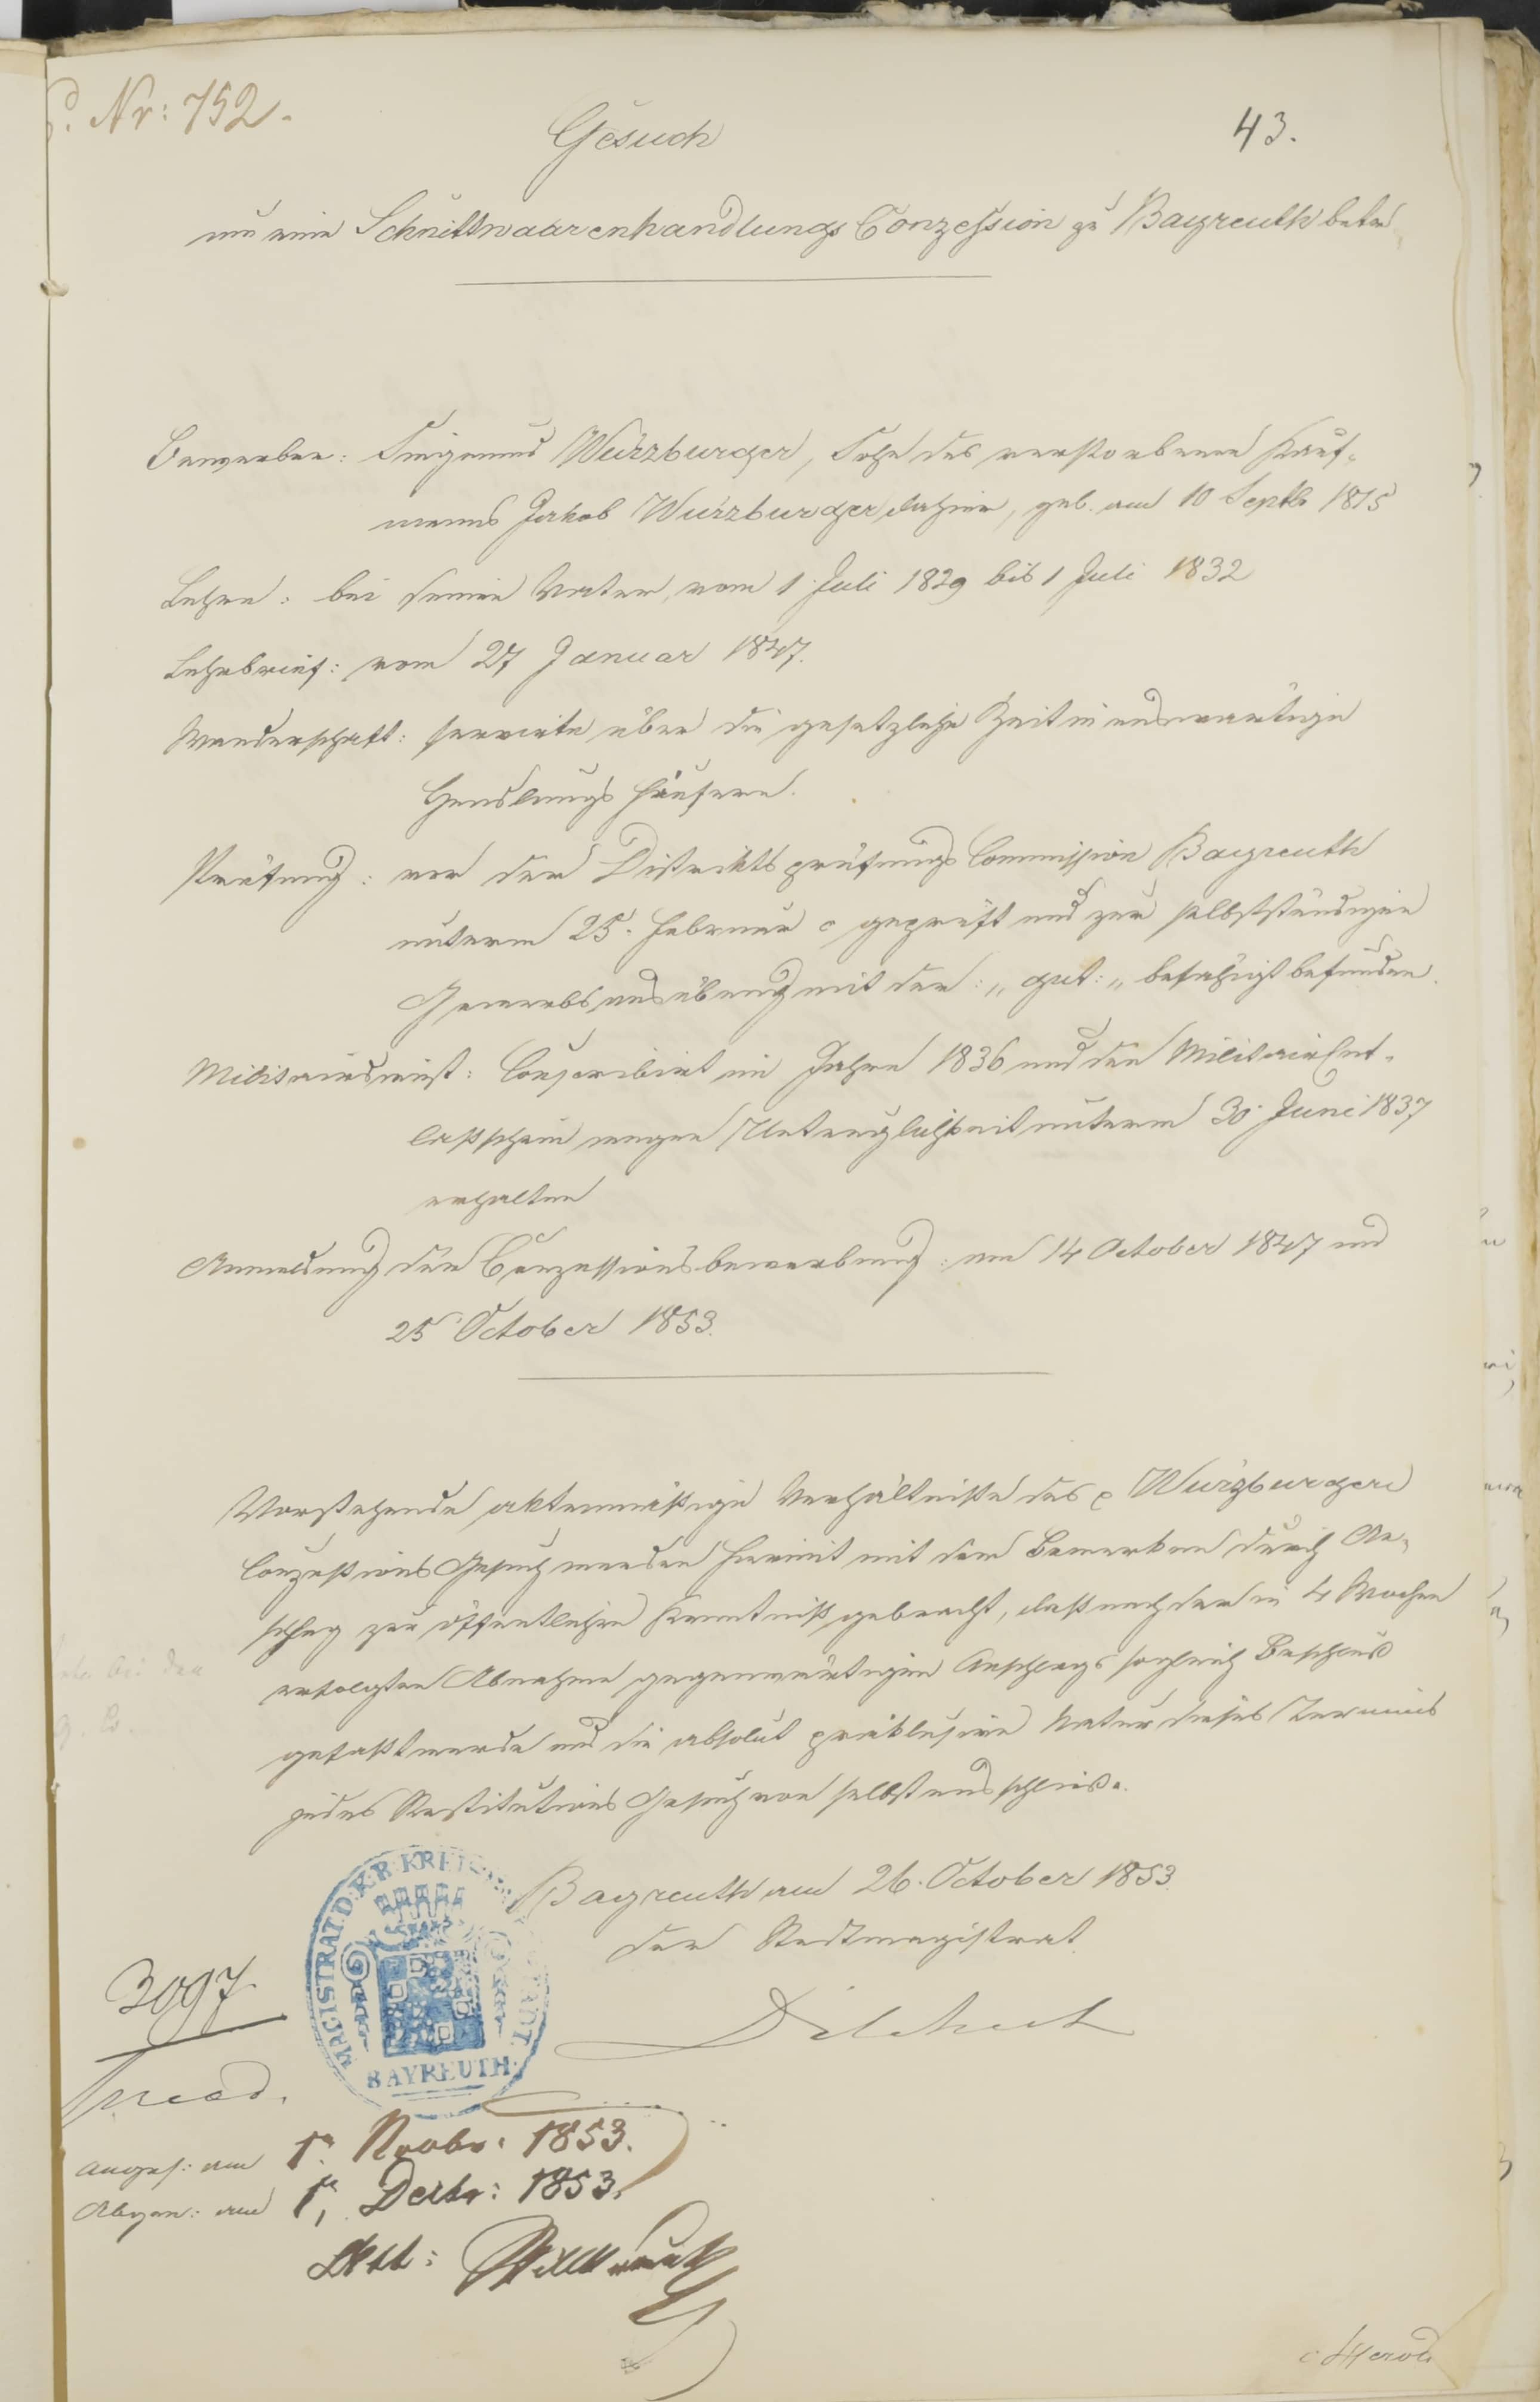 Eine Zusammenfassung von Siegmunds Konzessionsgesuch aus dem Oktober 1853. Der Stadtmagistrat erfasste in diesem Protokoll alle wichtigen Daten zum Bewerber, seiner Lehre, Wanderschaft, Gewerbeprüfung und Militärdienst.